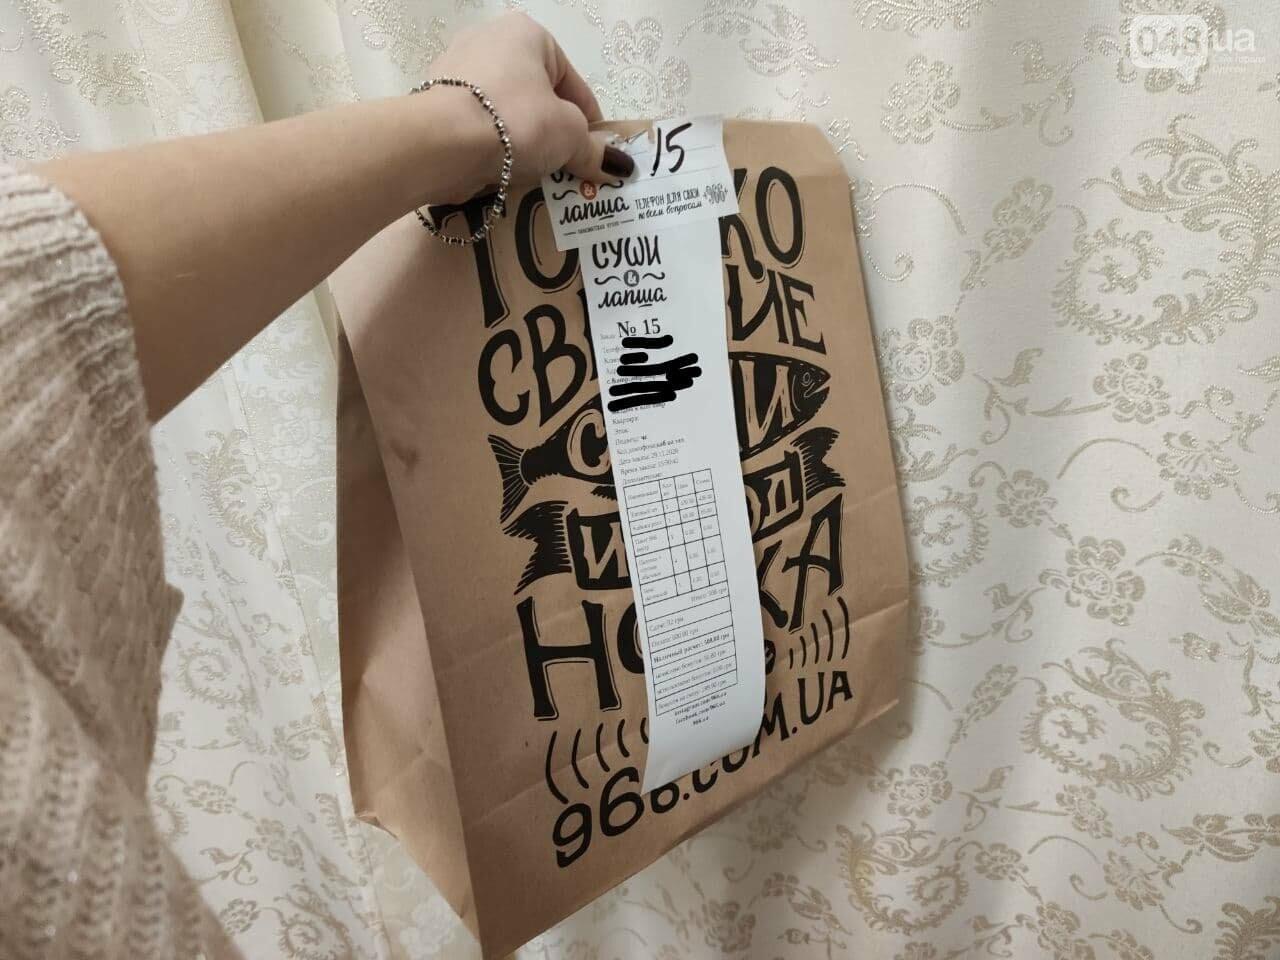 Тестируем доставку килограммового набора роллов из популярной сети суши-баров в Одессе, - ФОТО, фото-1